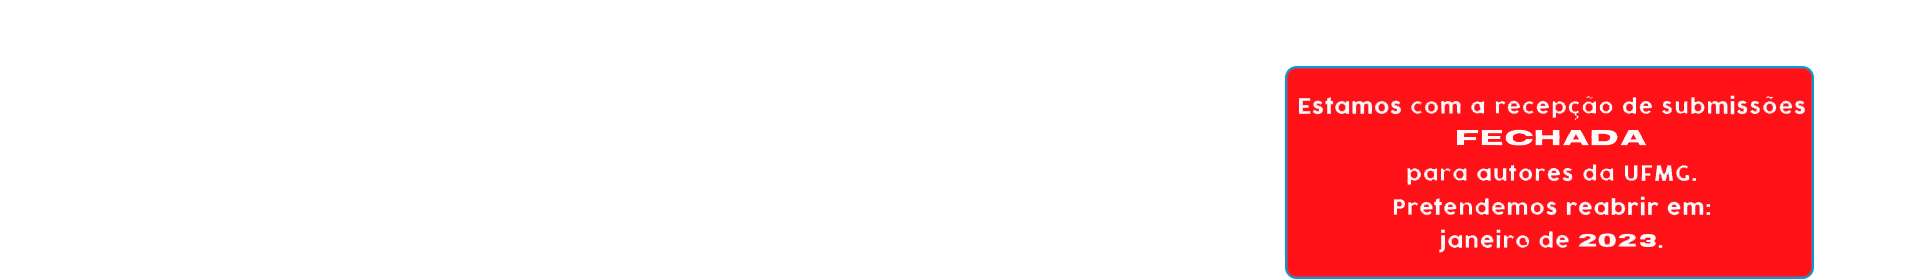 A partir de hoje, 01/09/2021, a Educação em Revista está fechando a recepção de submissões de autores/as da UFMG, pois já atingimos o limite máximo de 10% de manuscritos publicados ou em tramitação com chances de publicação para o ano. Esse índice é adotado pelas agências de fomento e indexadores para a avaliação dos periódicos e visa evitar a endogenia.  Pretendemos reabrir a recepção para a comunidade da UFMG em janeiro de 2022.